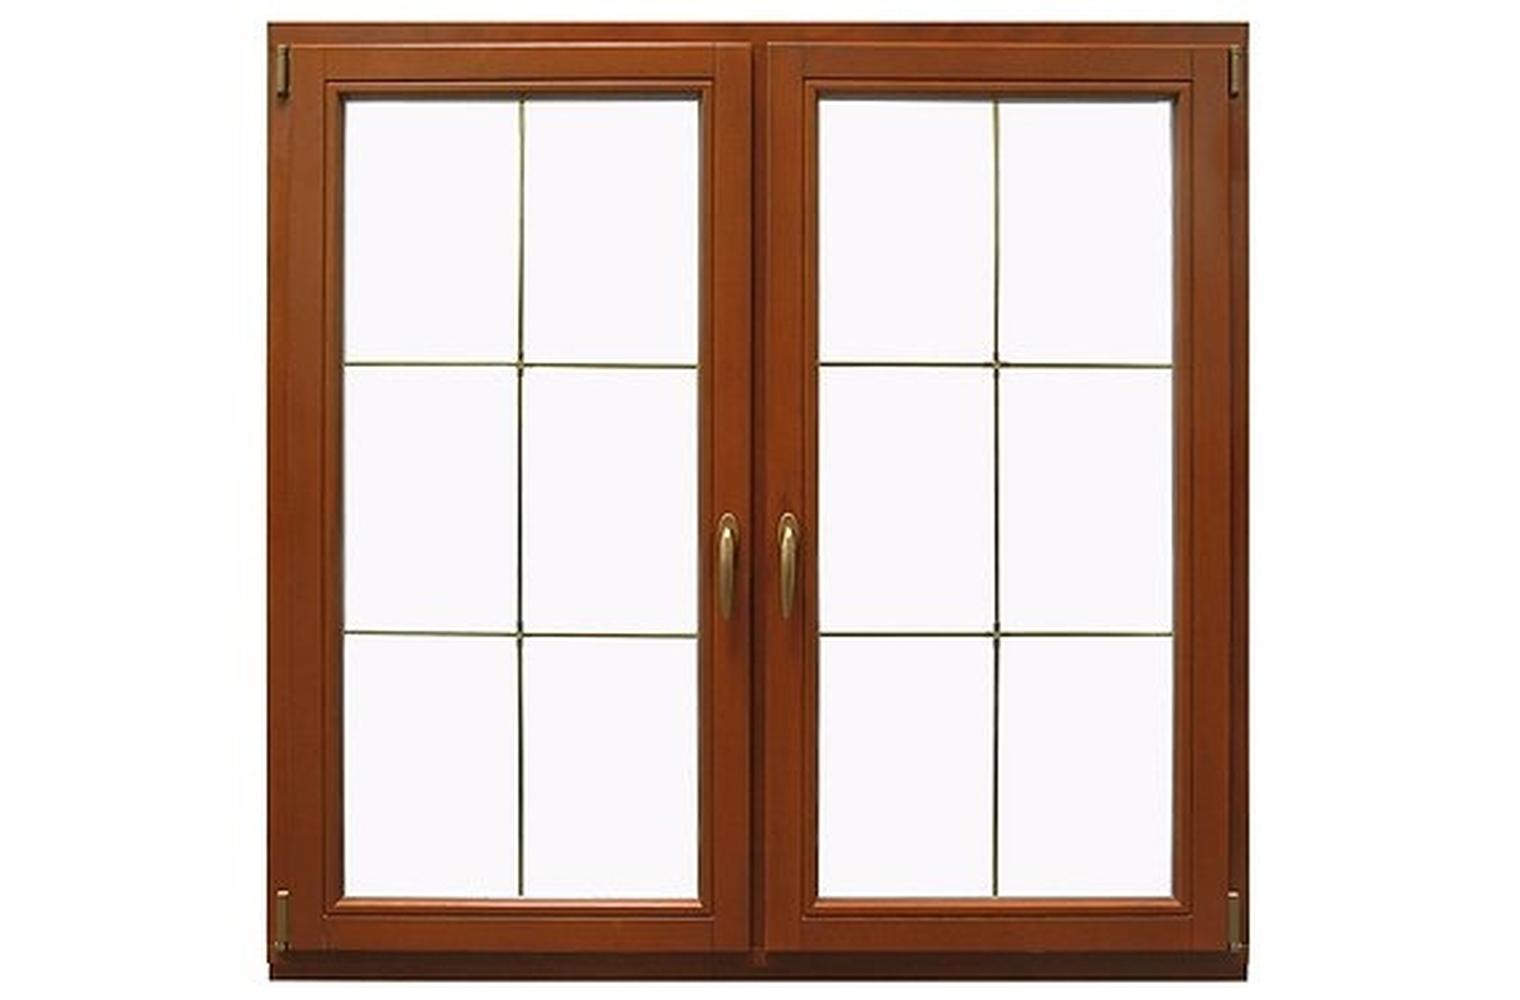 Fenster im landhausstil authentische gestaltung - Fenster landhausstil ...